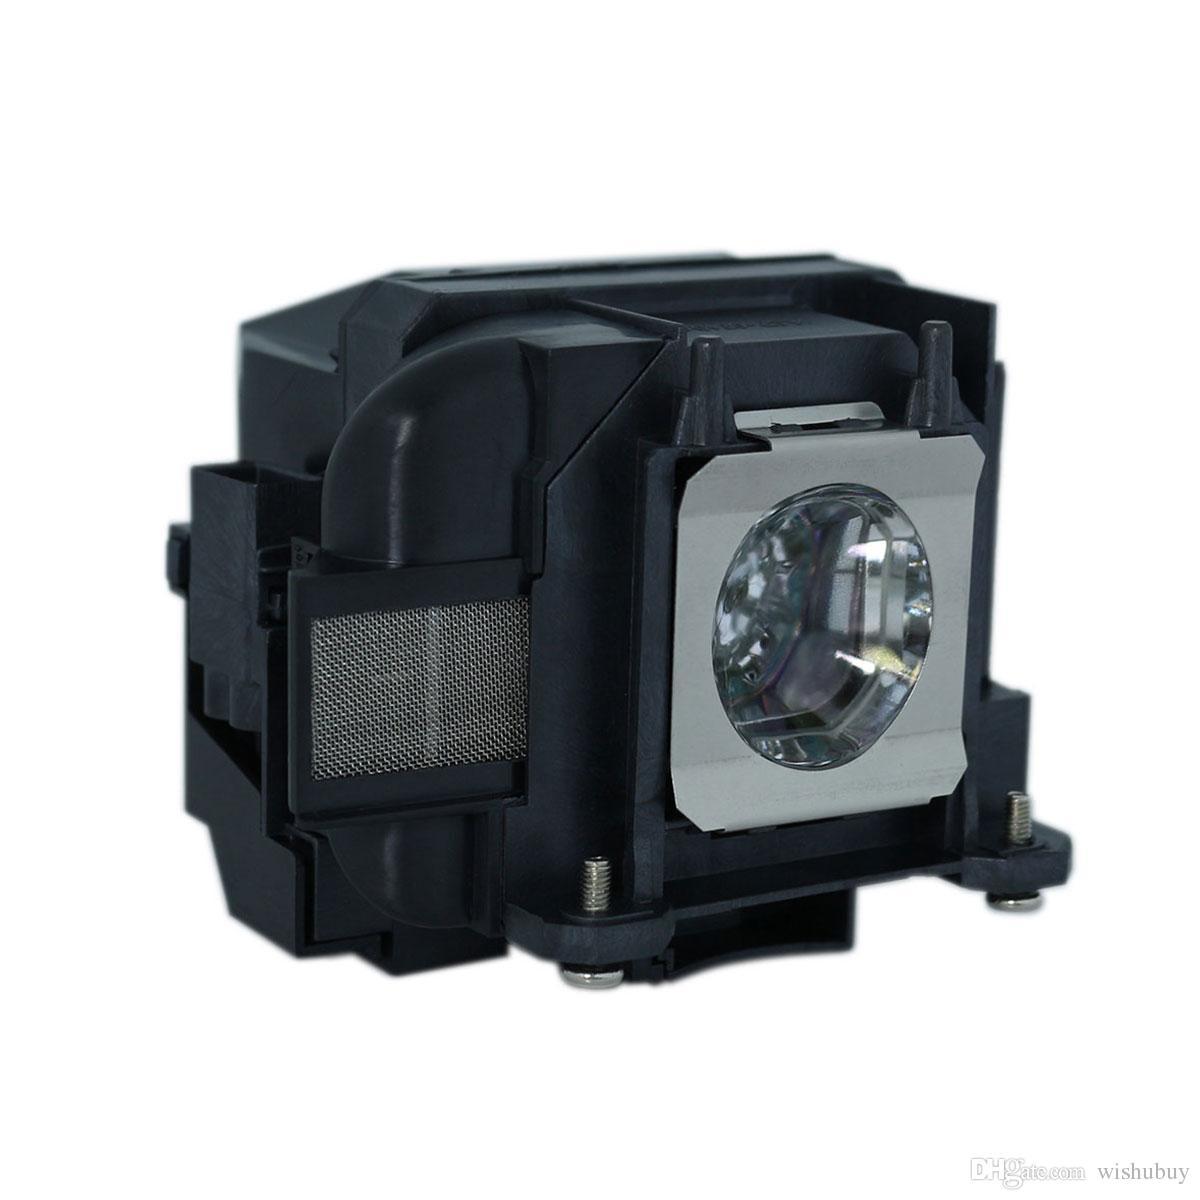 Freie Verschiffen-Projektorlampe EPSON ELPLP78 / V13H010L78 Wiedereinbau-Modul für bloße Lampe der Qualitäts-Epson-EB-945 / S18 innerhalb der 180 Tagesgarantie